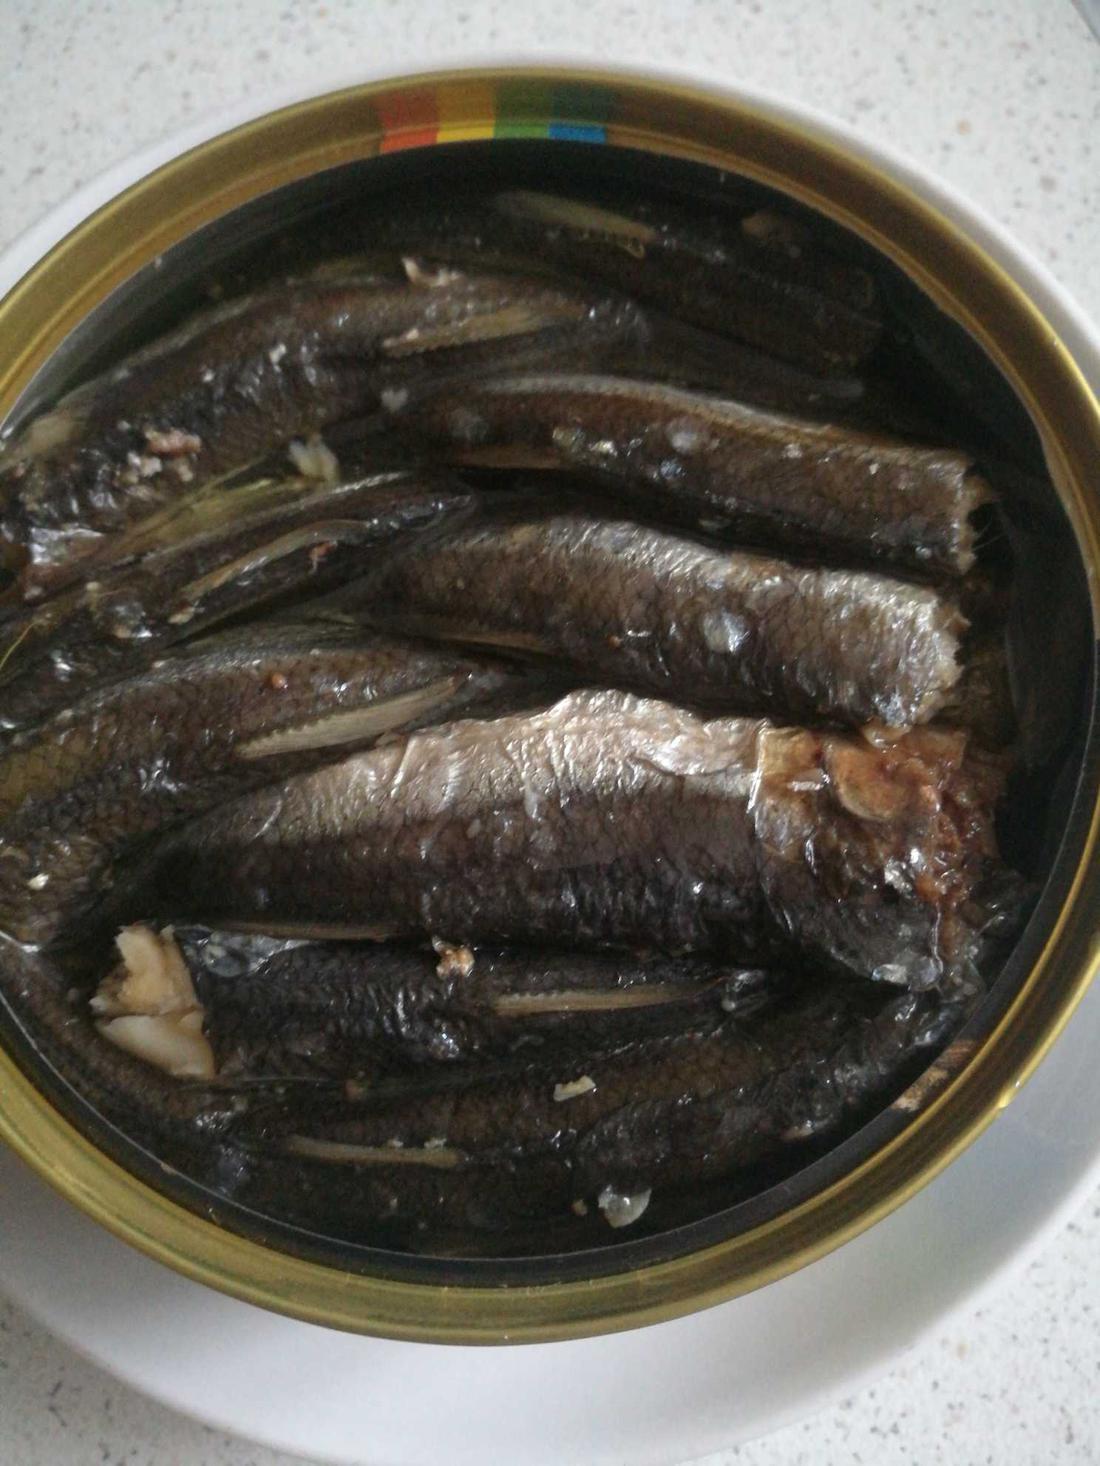 отзыв Шпроты в масле Консервы рыбные стерилизованные. «Морская радуга»